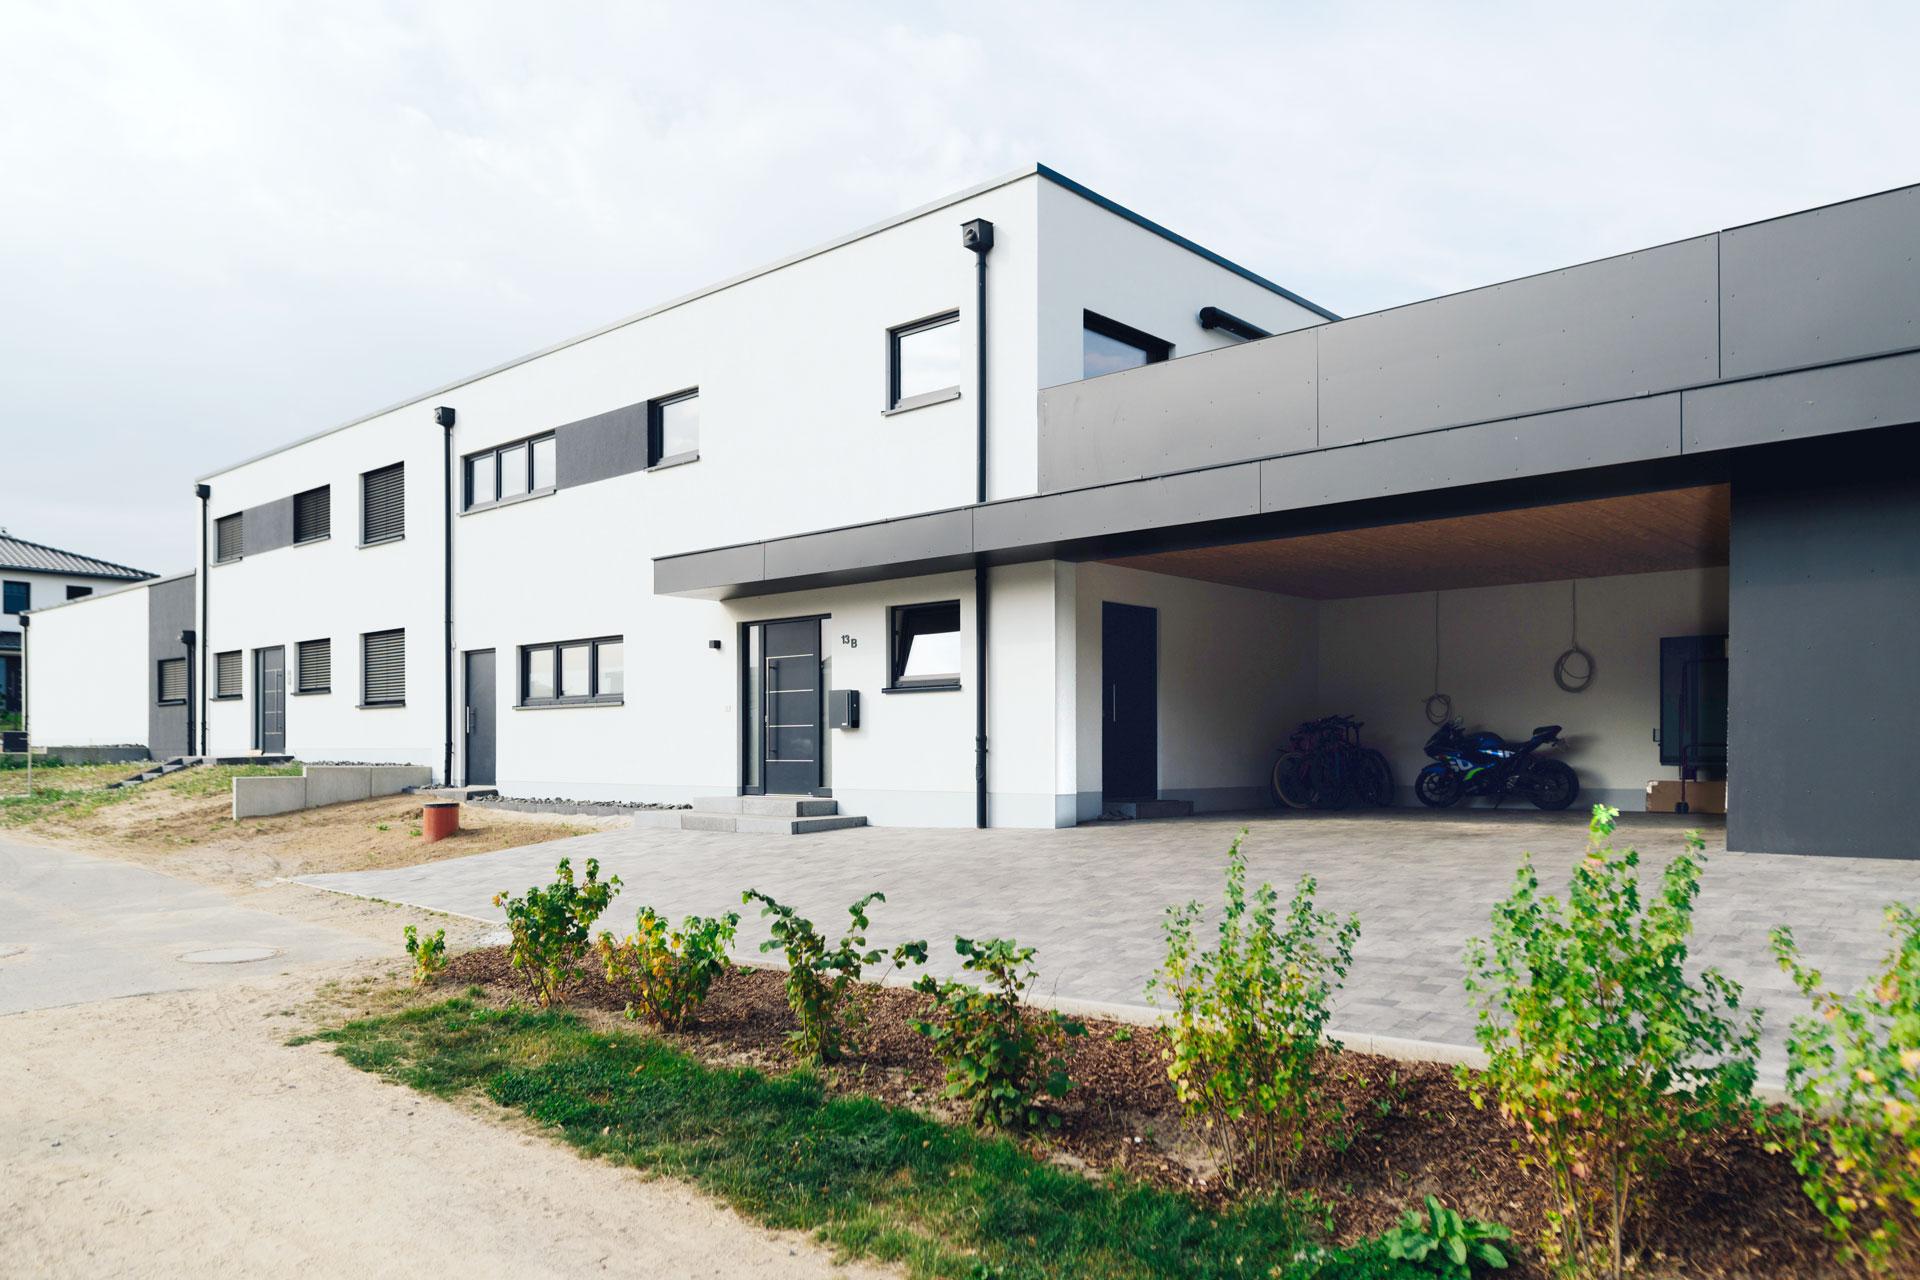 Doppelhaus in Wismar (01) / Totale